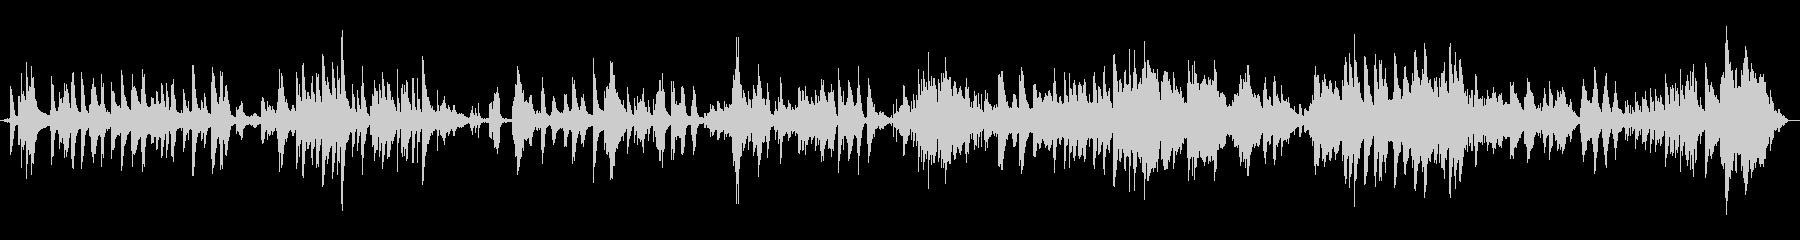 ヒーリングピアノ曲・やさしい・透明感の未再生の波形